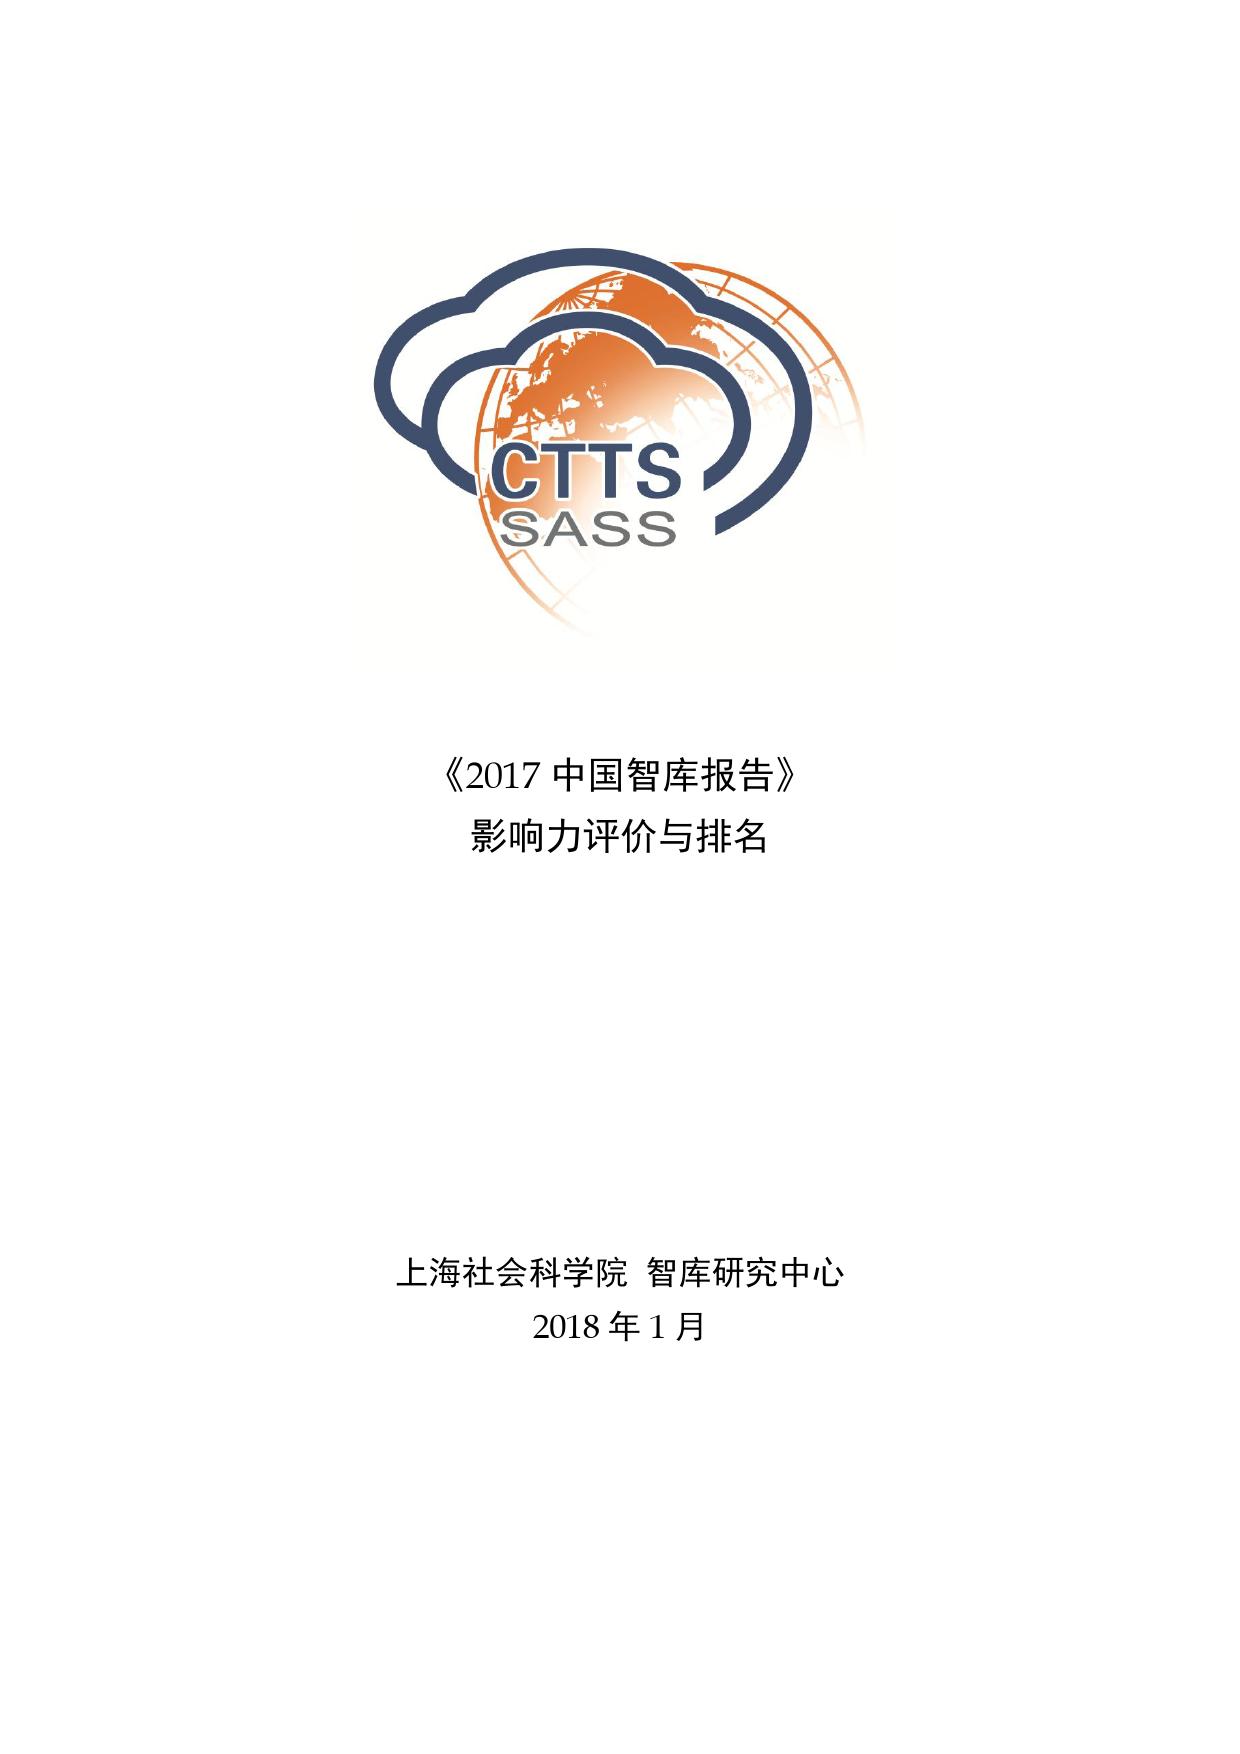 2017中国智库报告:影响力评价与排名(附下载)